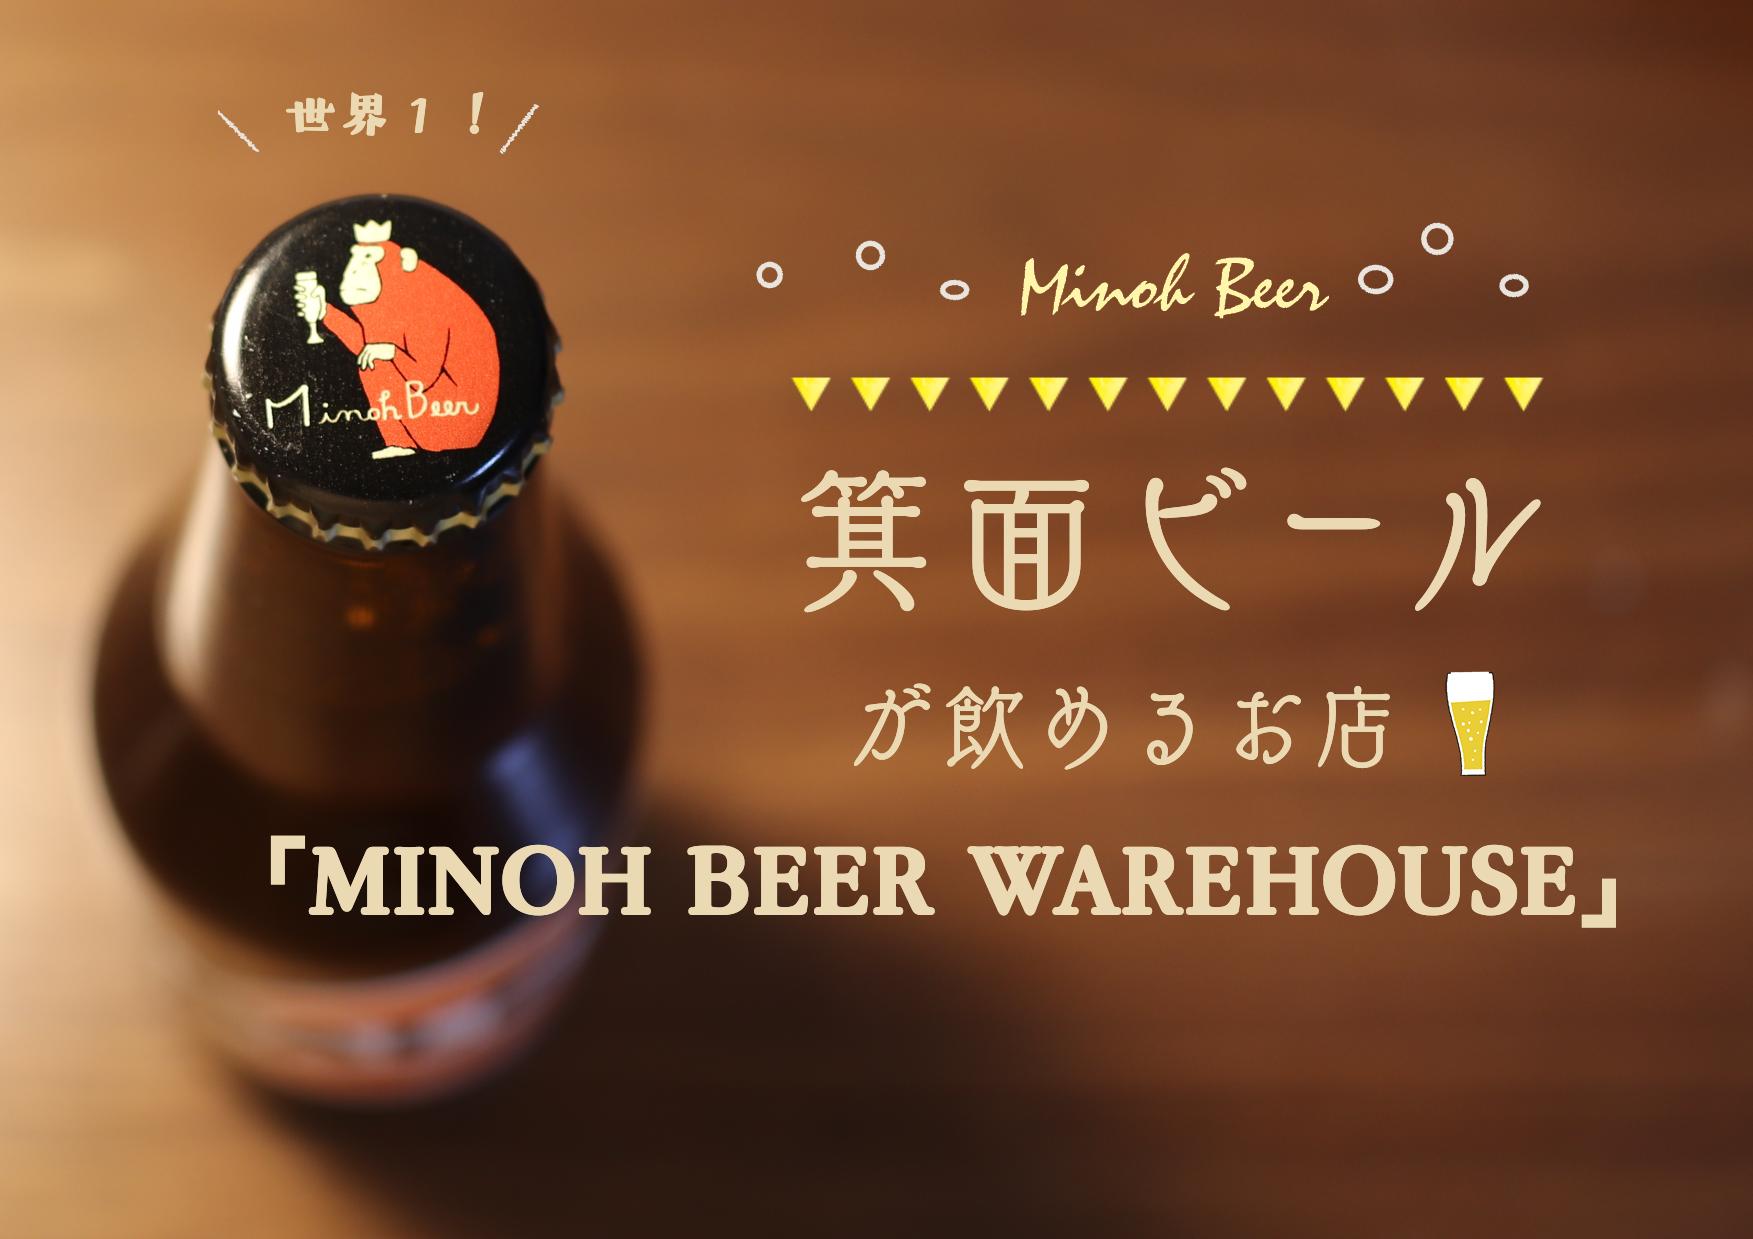 お土産・贈り物に世界一の箕面ビールを。「MINOH BEER WAREHOUSE」へ行って来ました。